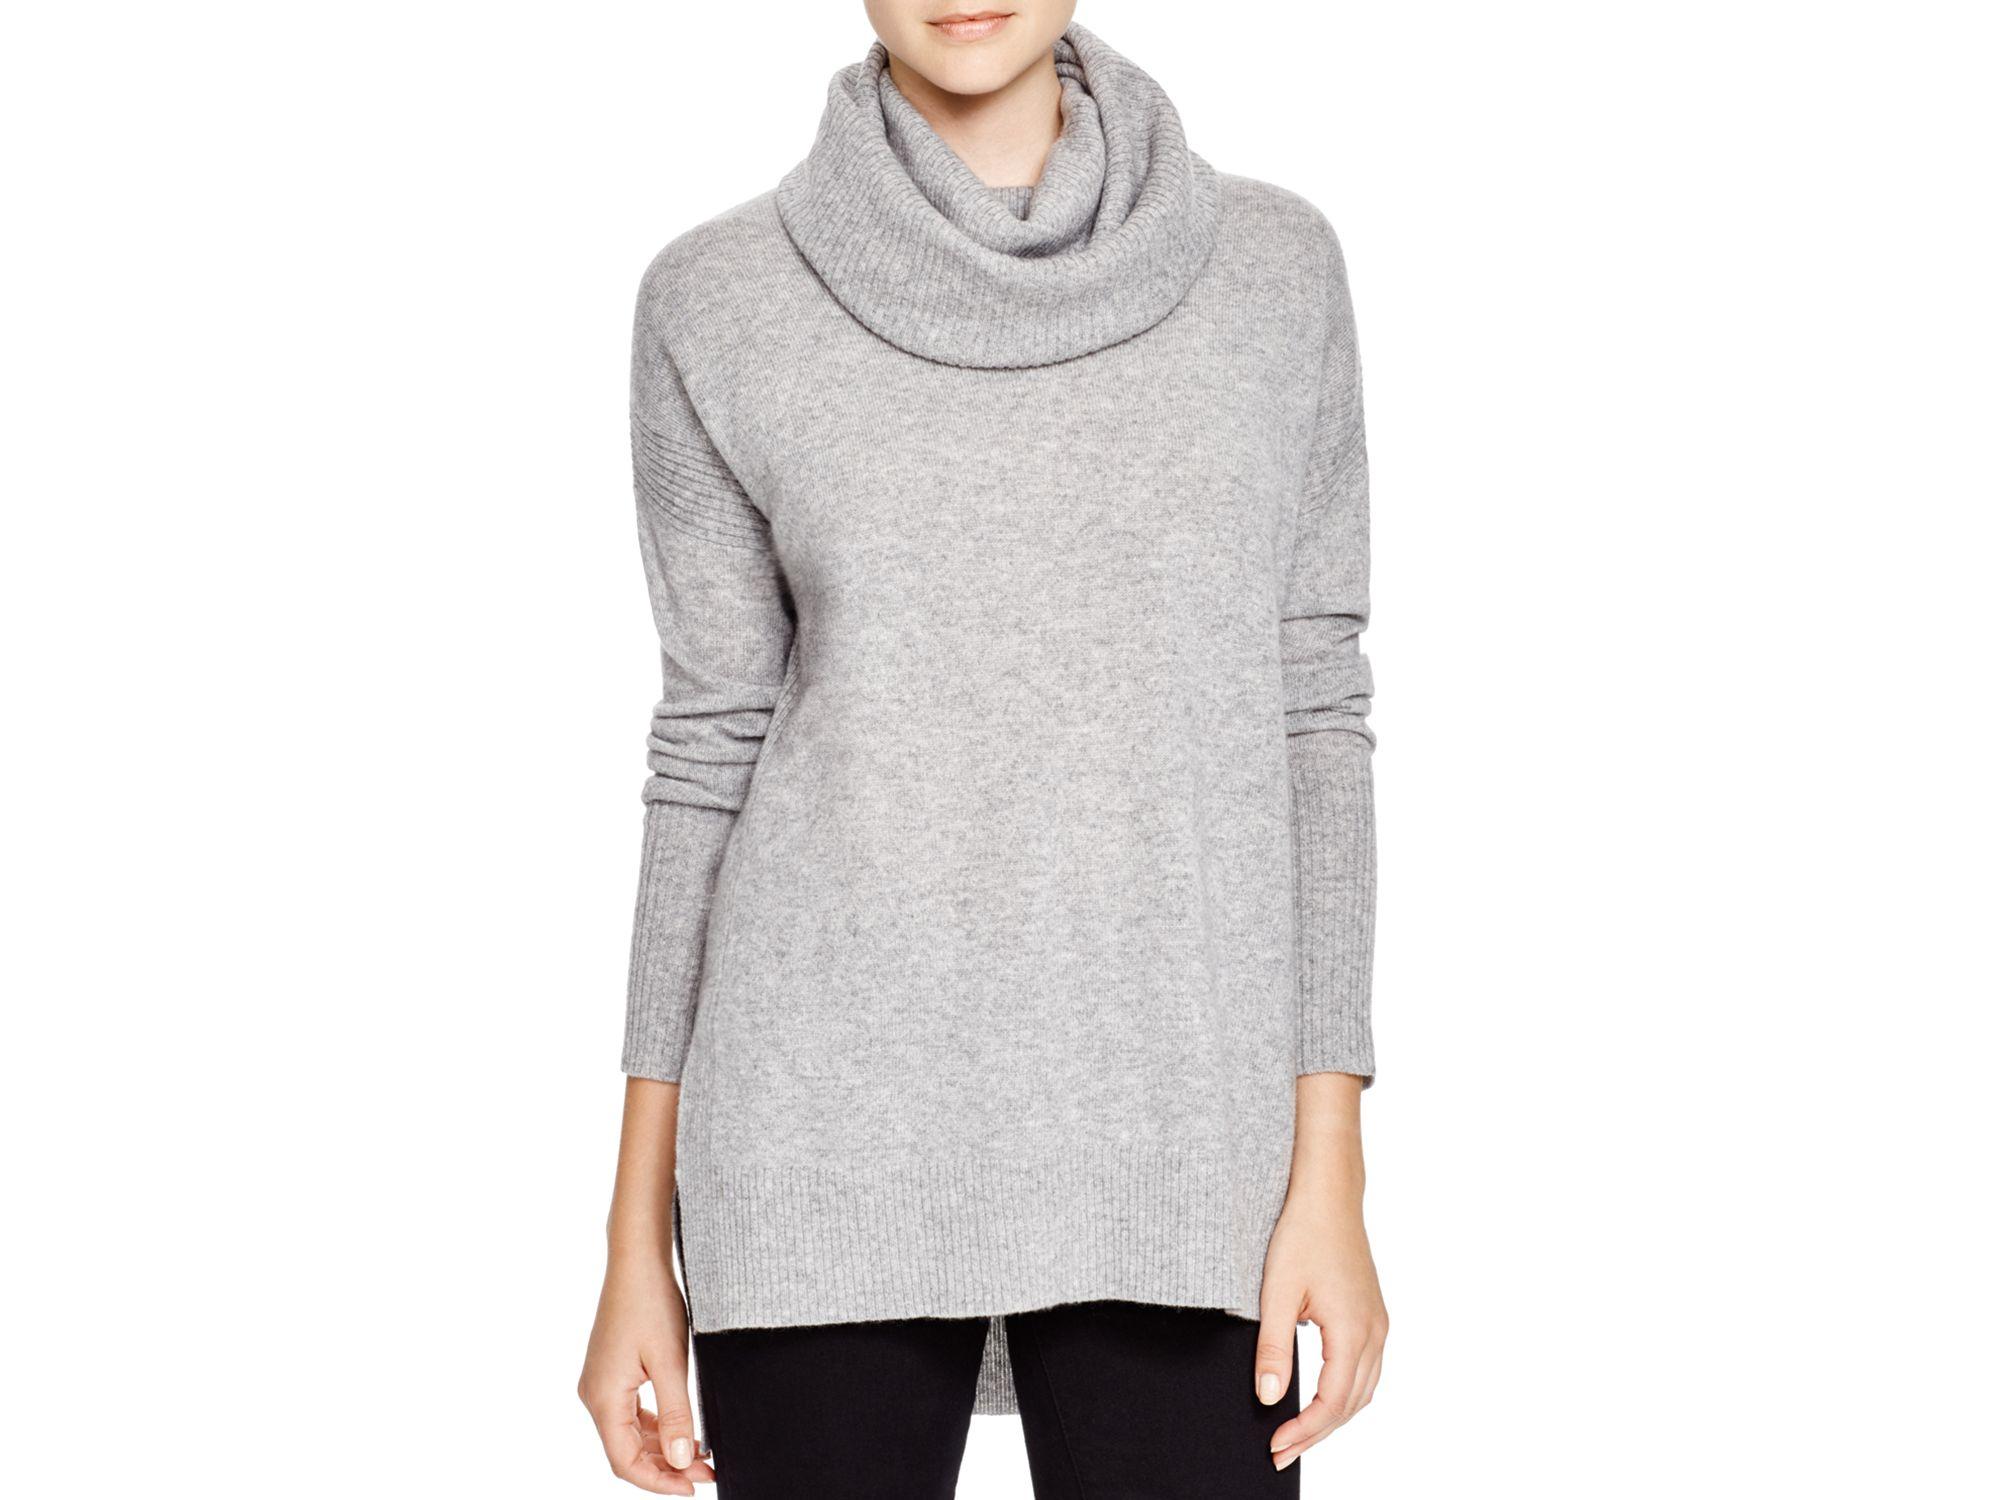 Diane von furstenberg Ahiga Cashmere Turtleneck Sweater in Gray | Lyst